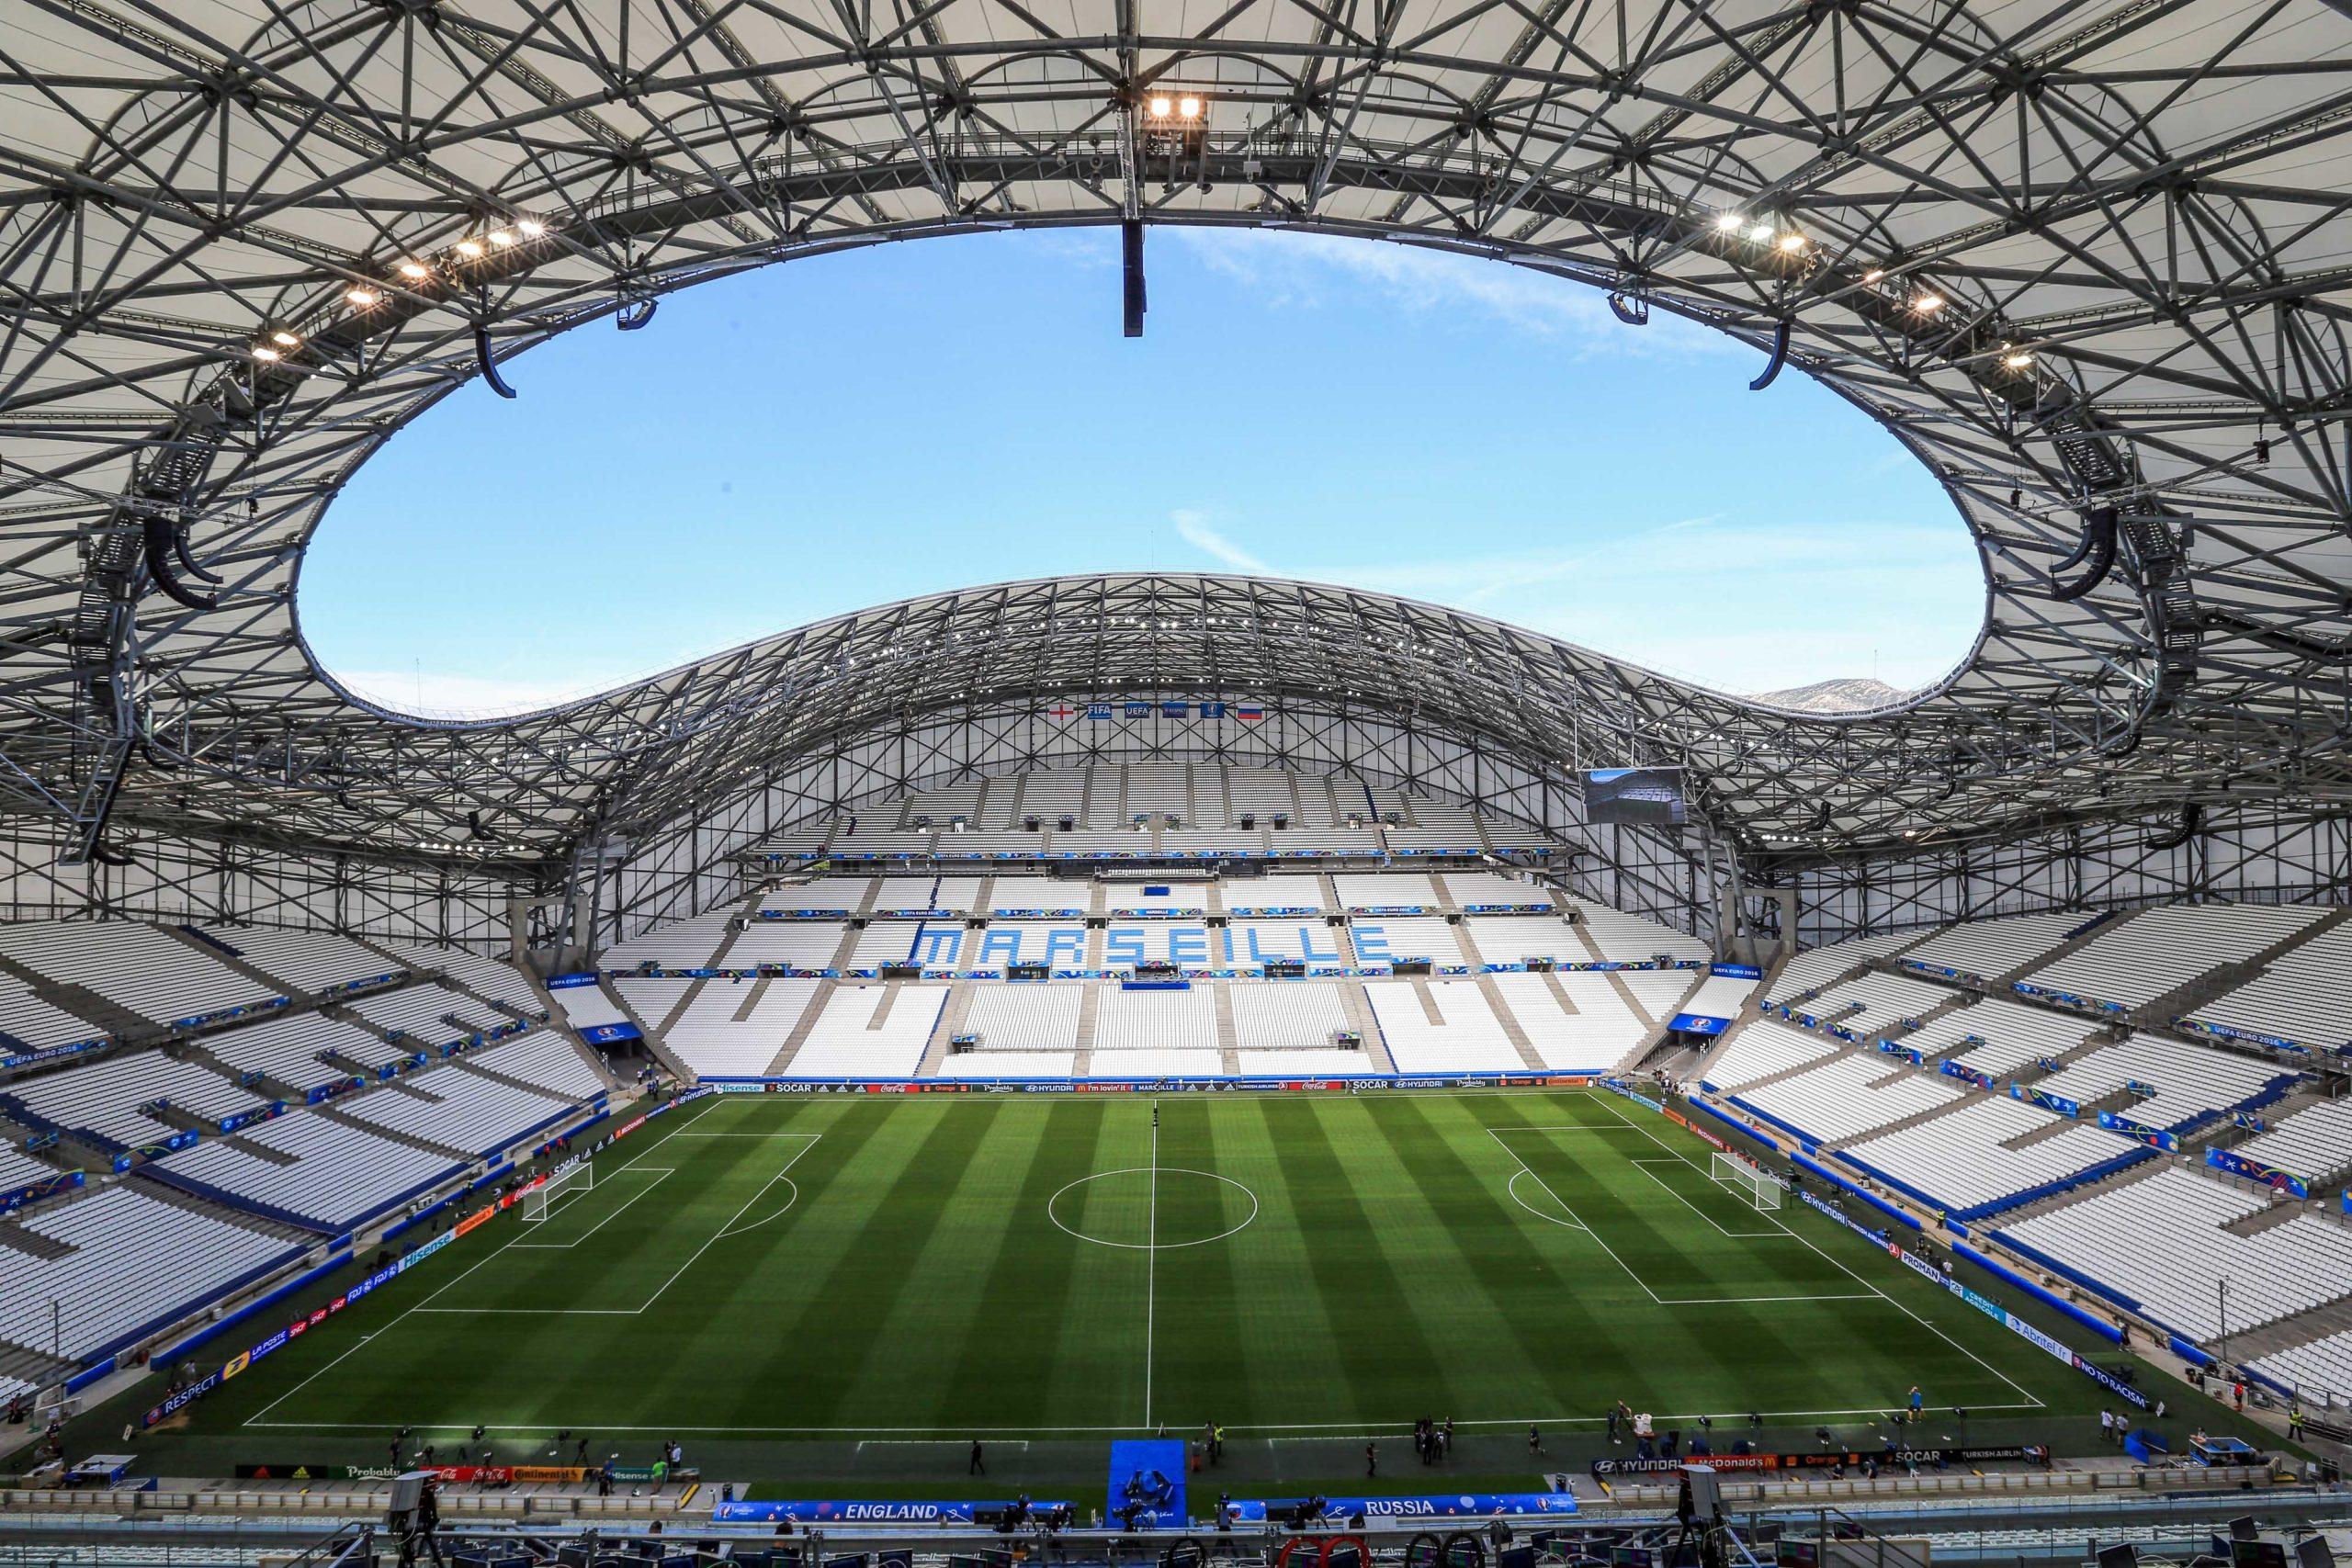 CdF - Canet/OM pourrait se jouer au stade Vélodrome